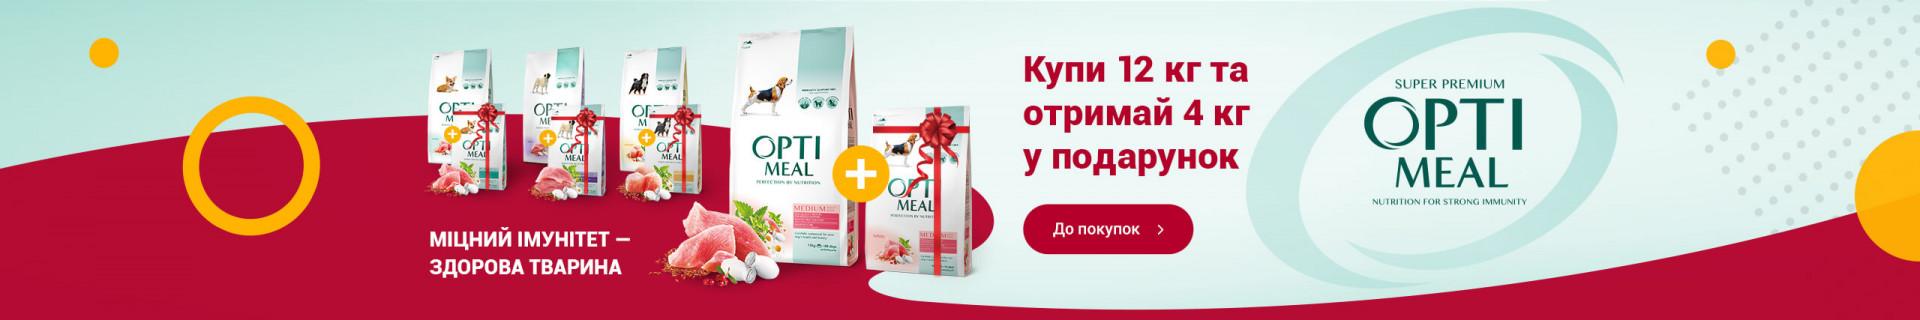 Замовляти з Petslike.net — вигідно!